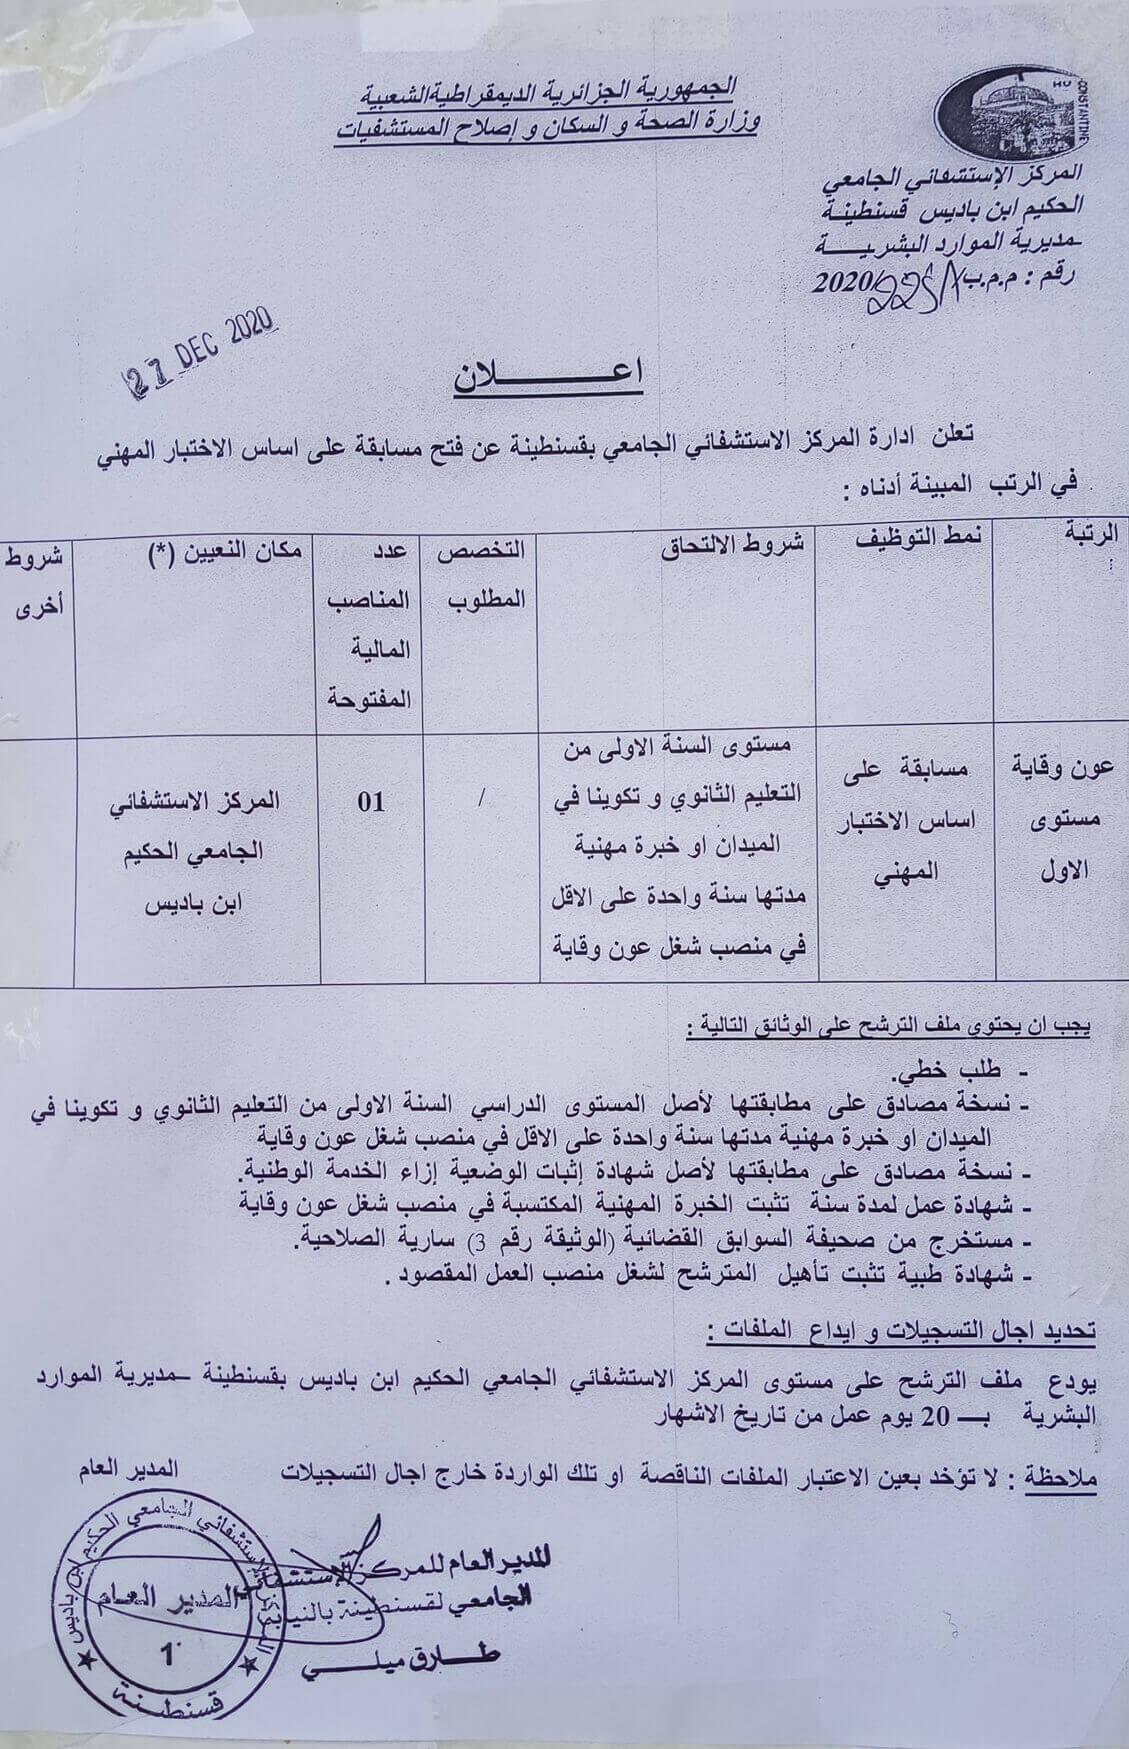 اعلان توظيف بالمركز الاستشفائي الجامعي قسنطينة 30 ديسمبر 2020